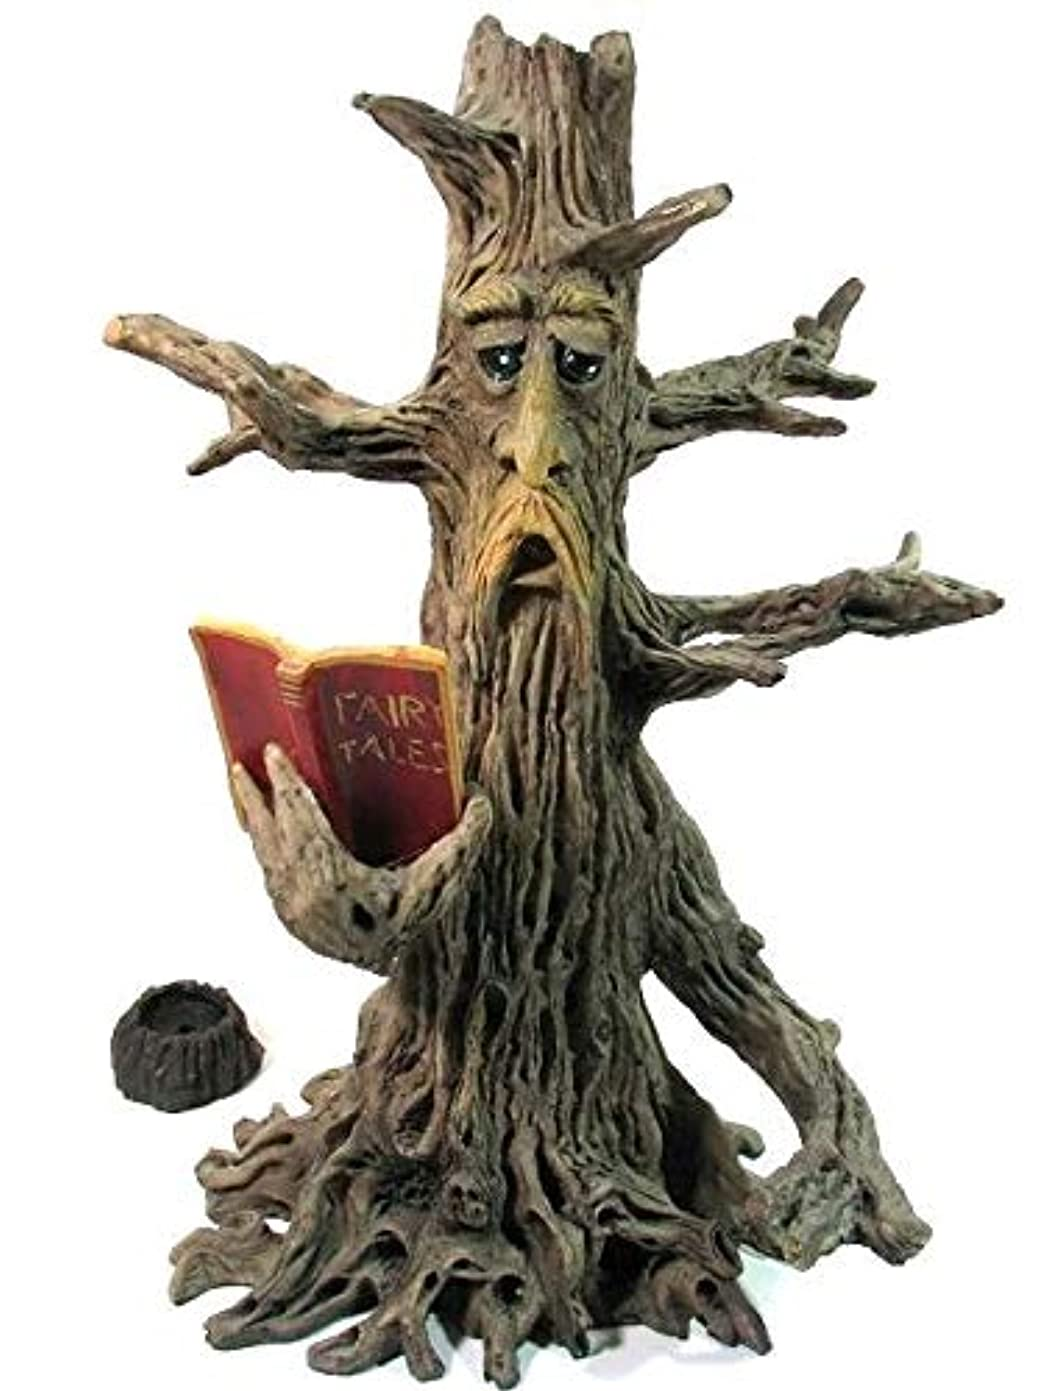 接辞一郵便番号[INCENSE GOODS(インセンスグッズ)] TREE MAN READING BOOK INCENSE BURNER 木の精香立